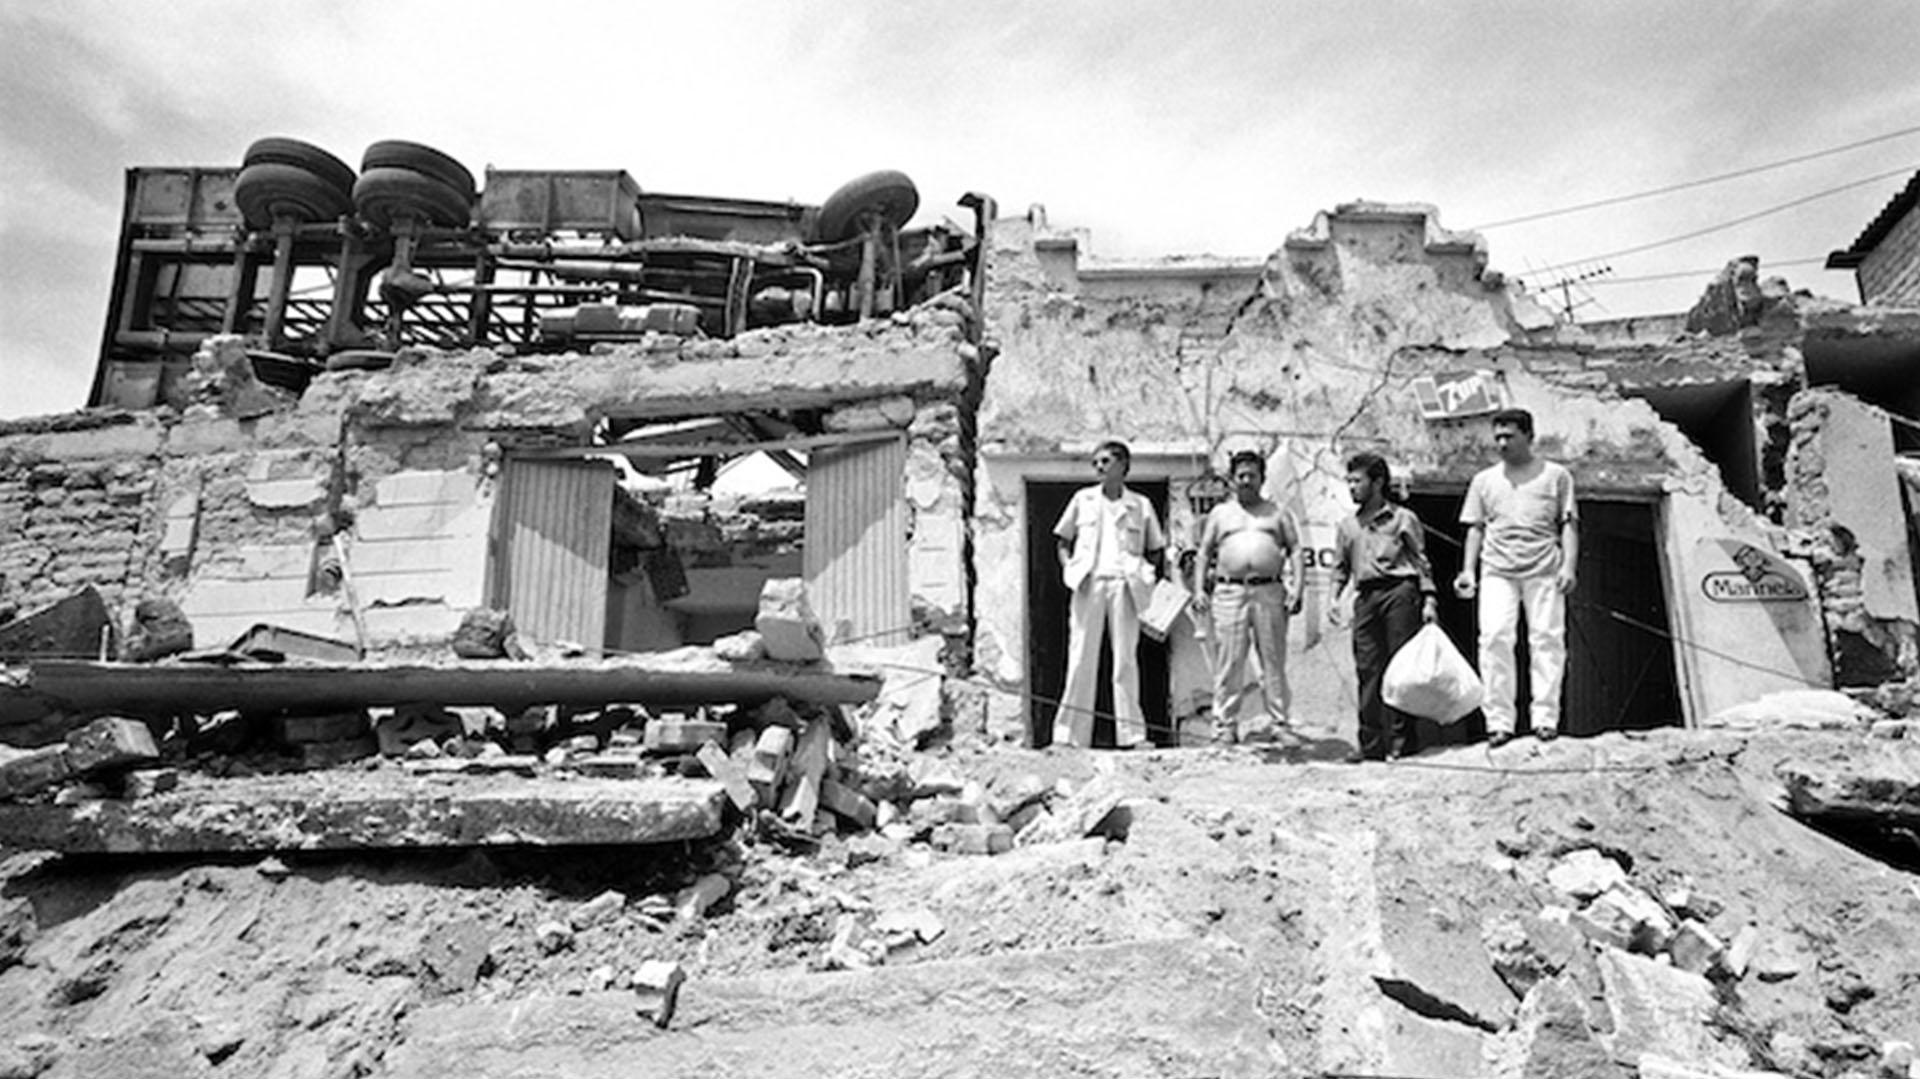 La magnitud de la explosión fue tal que arrojó autos a los techos de las casas (Foto: D.R. José Hernández-Claire)